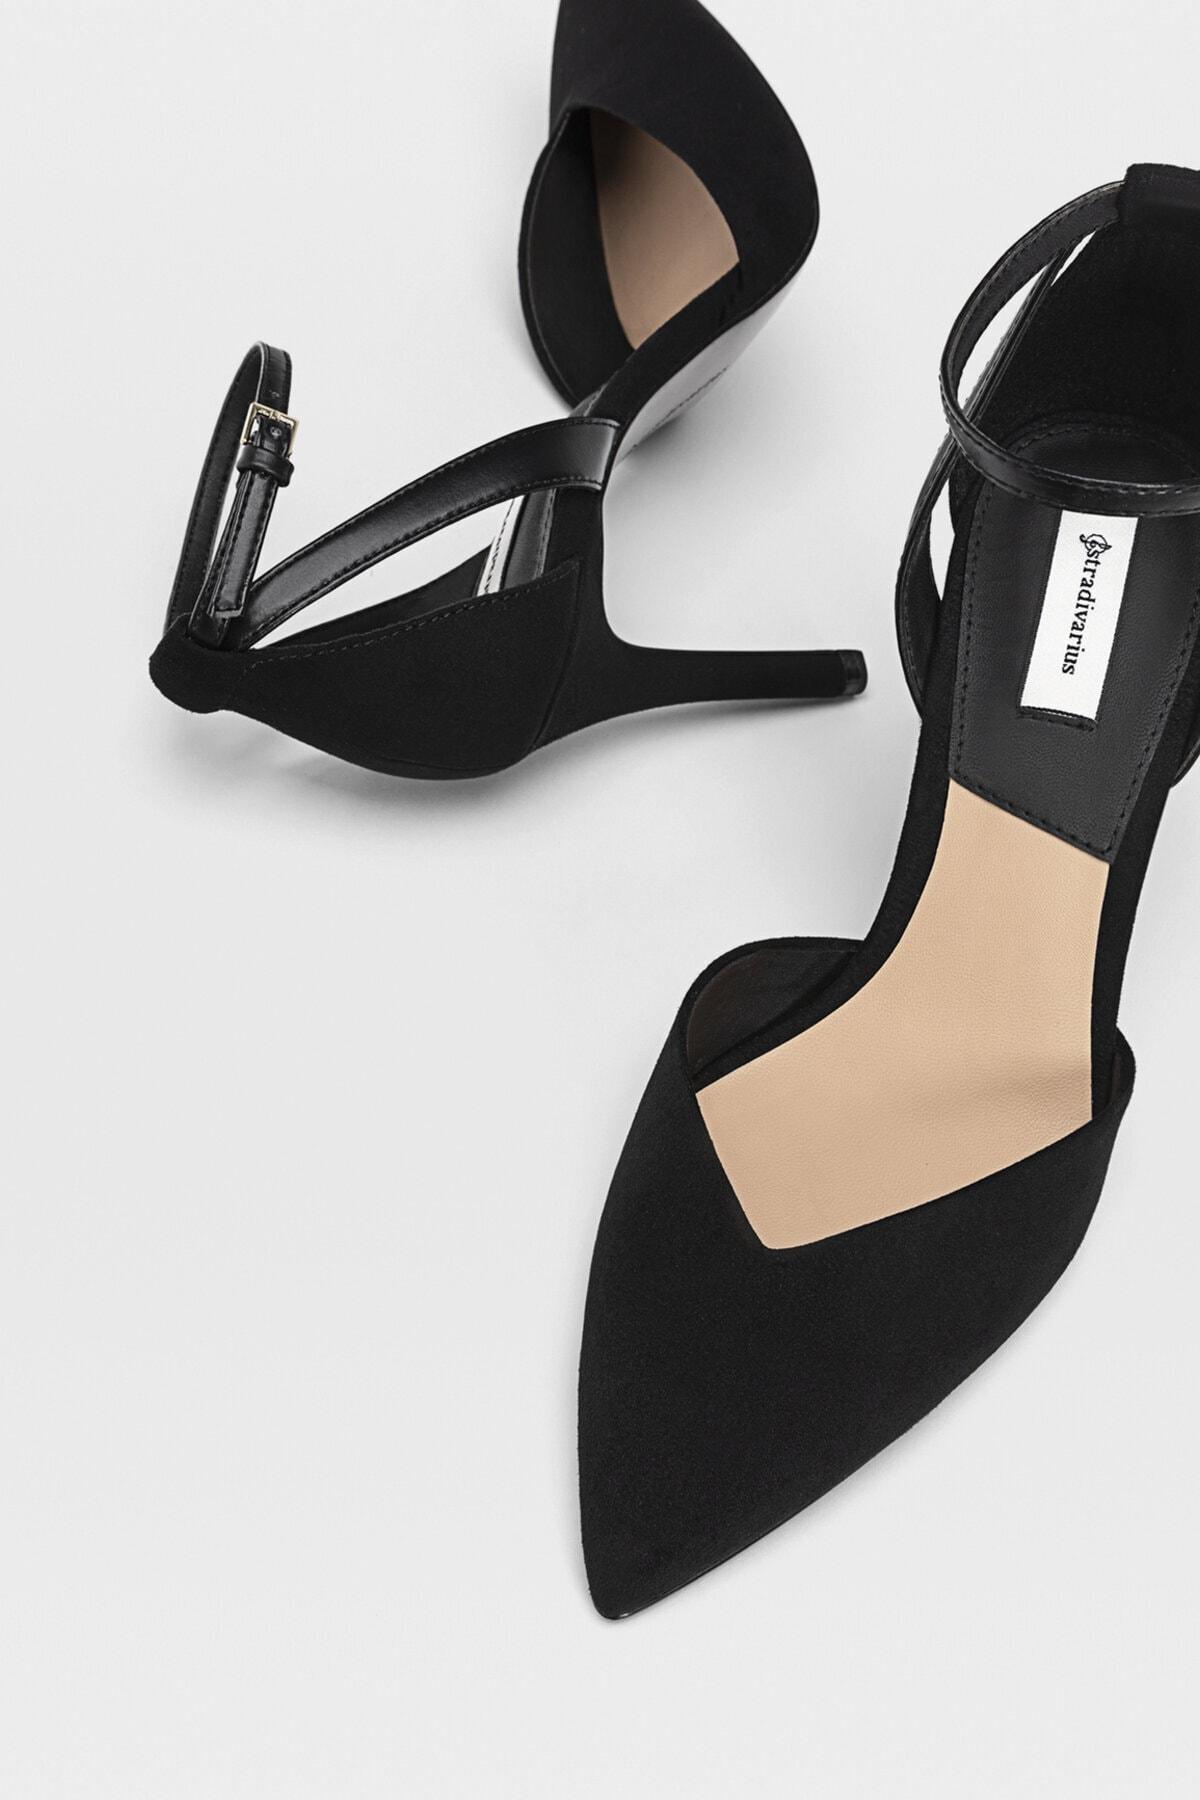 Stradivarius Kadın Siyah Bilekten Bantlı Yüksek Topuklu Ayakkabı 19153770 2